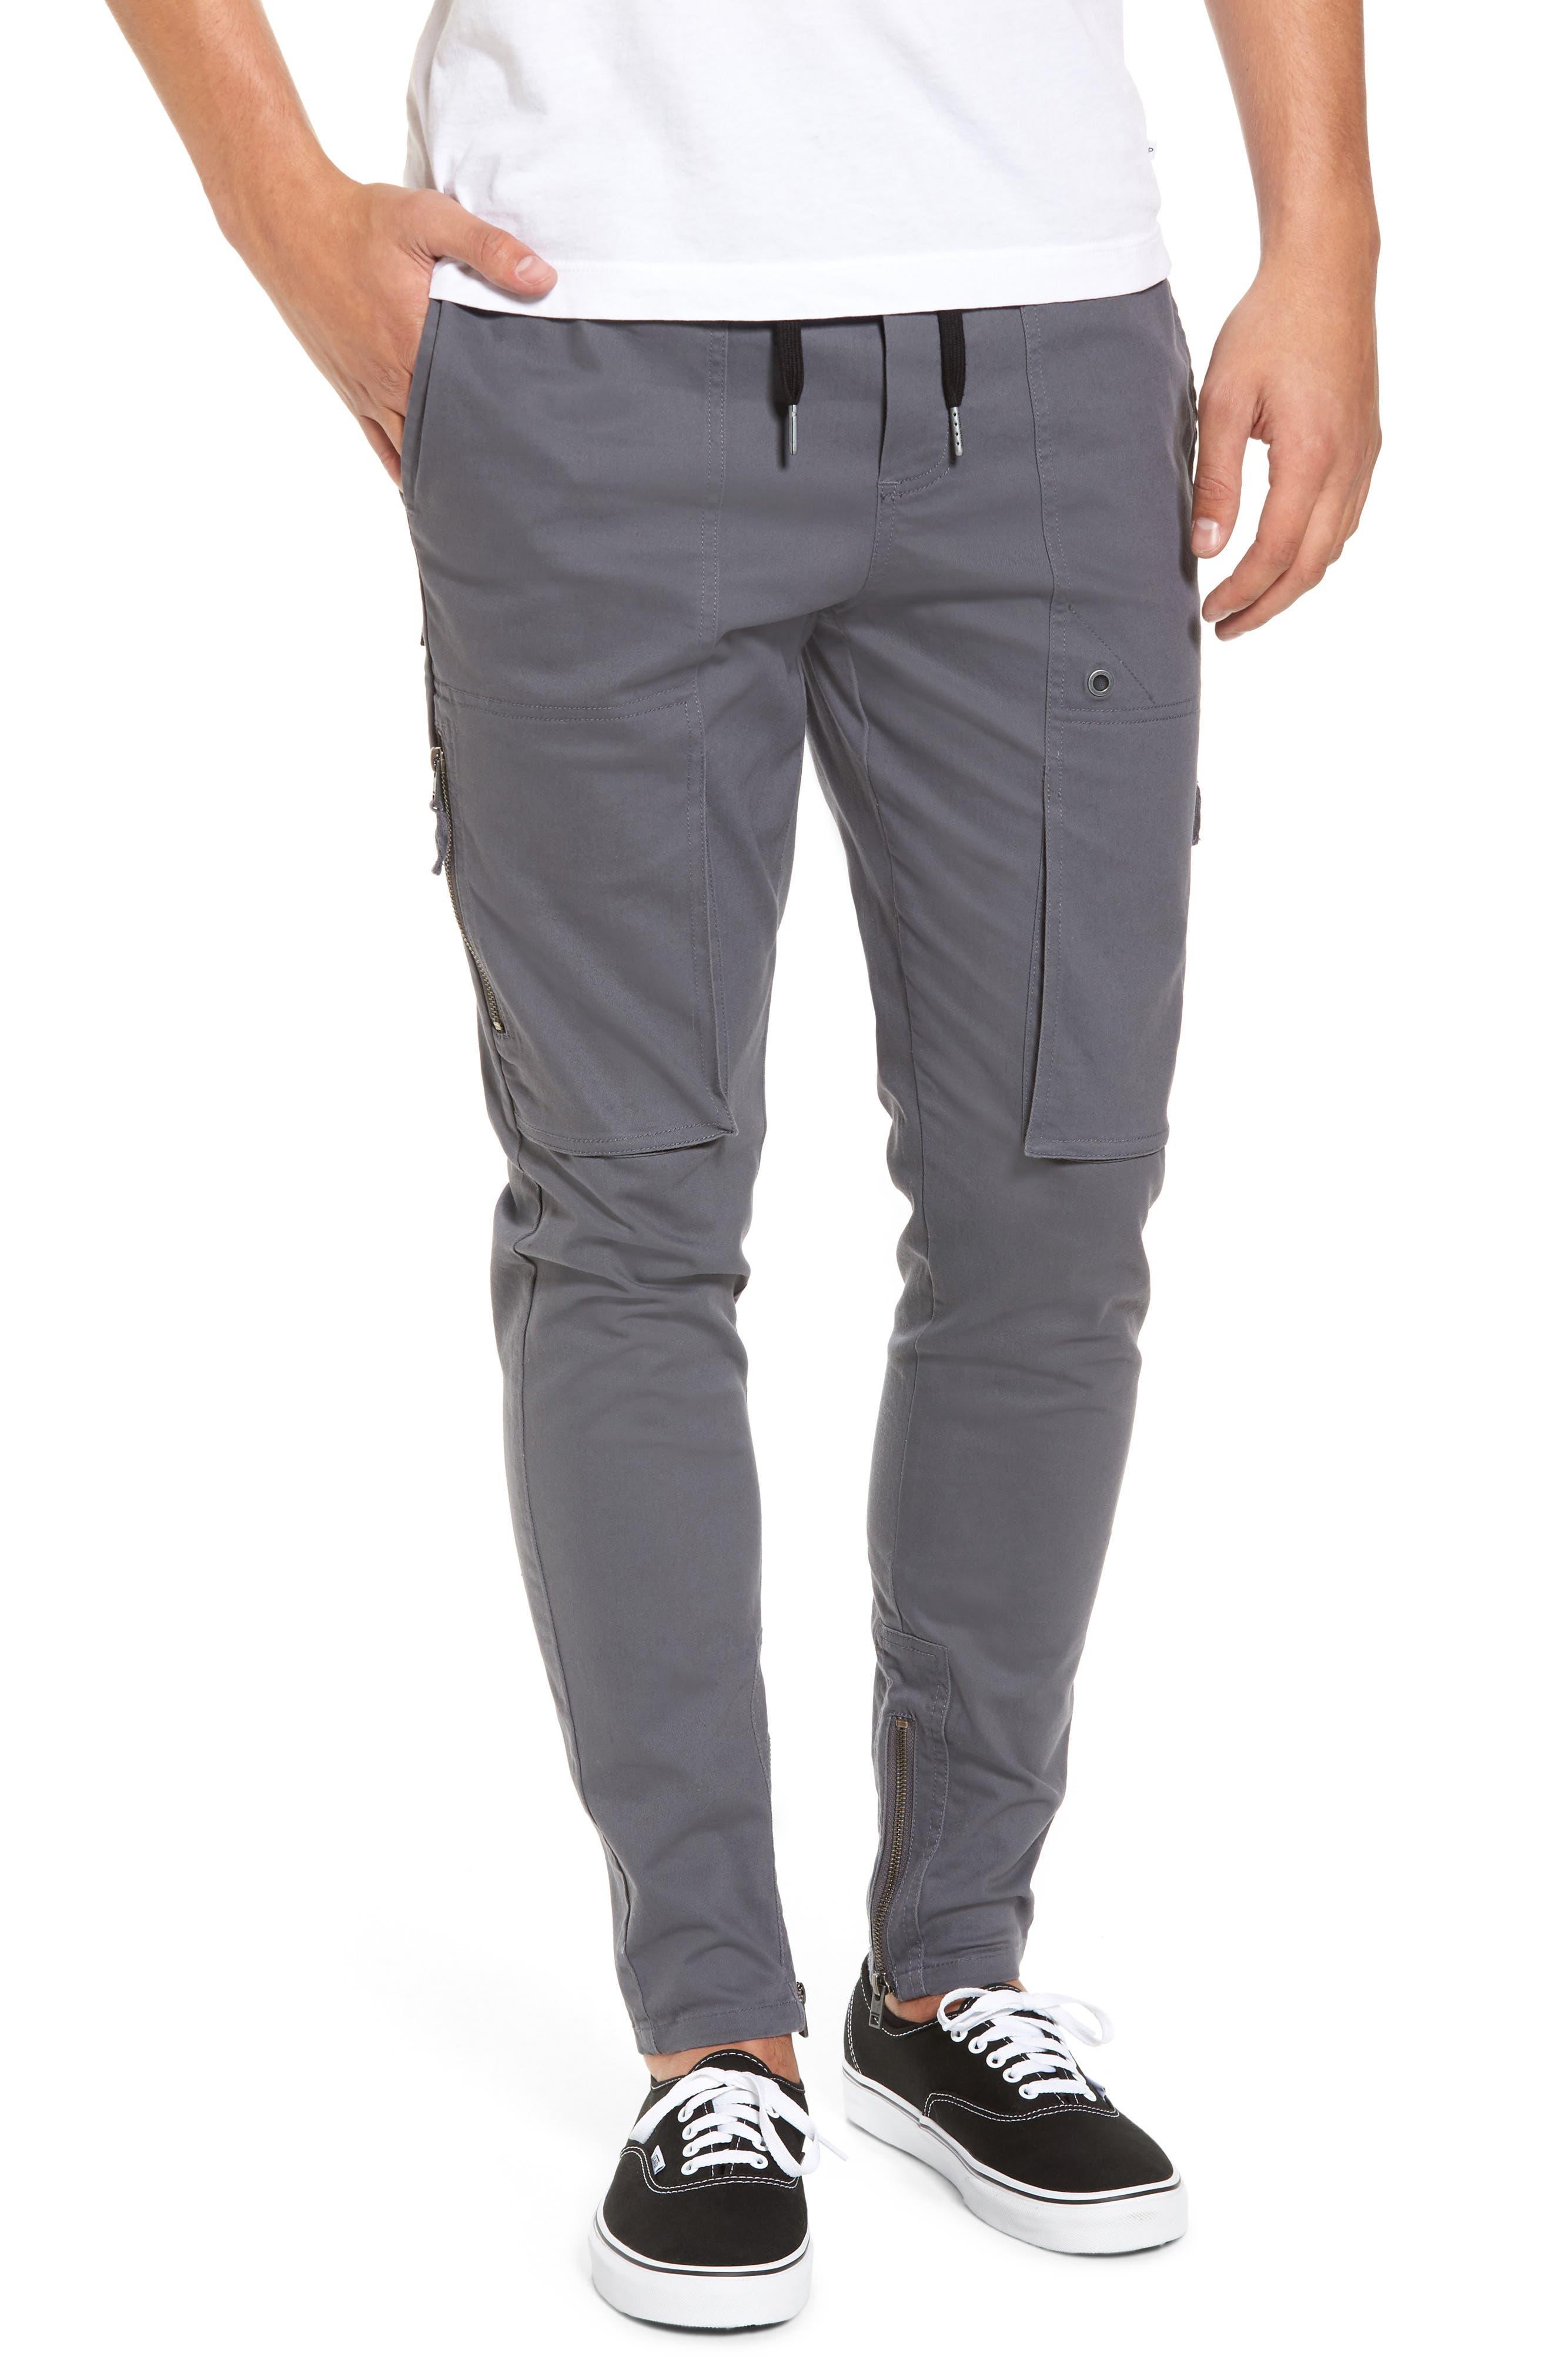 Sureshot Jogger Pants,                         Main,                         color, Grey